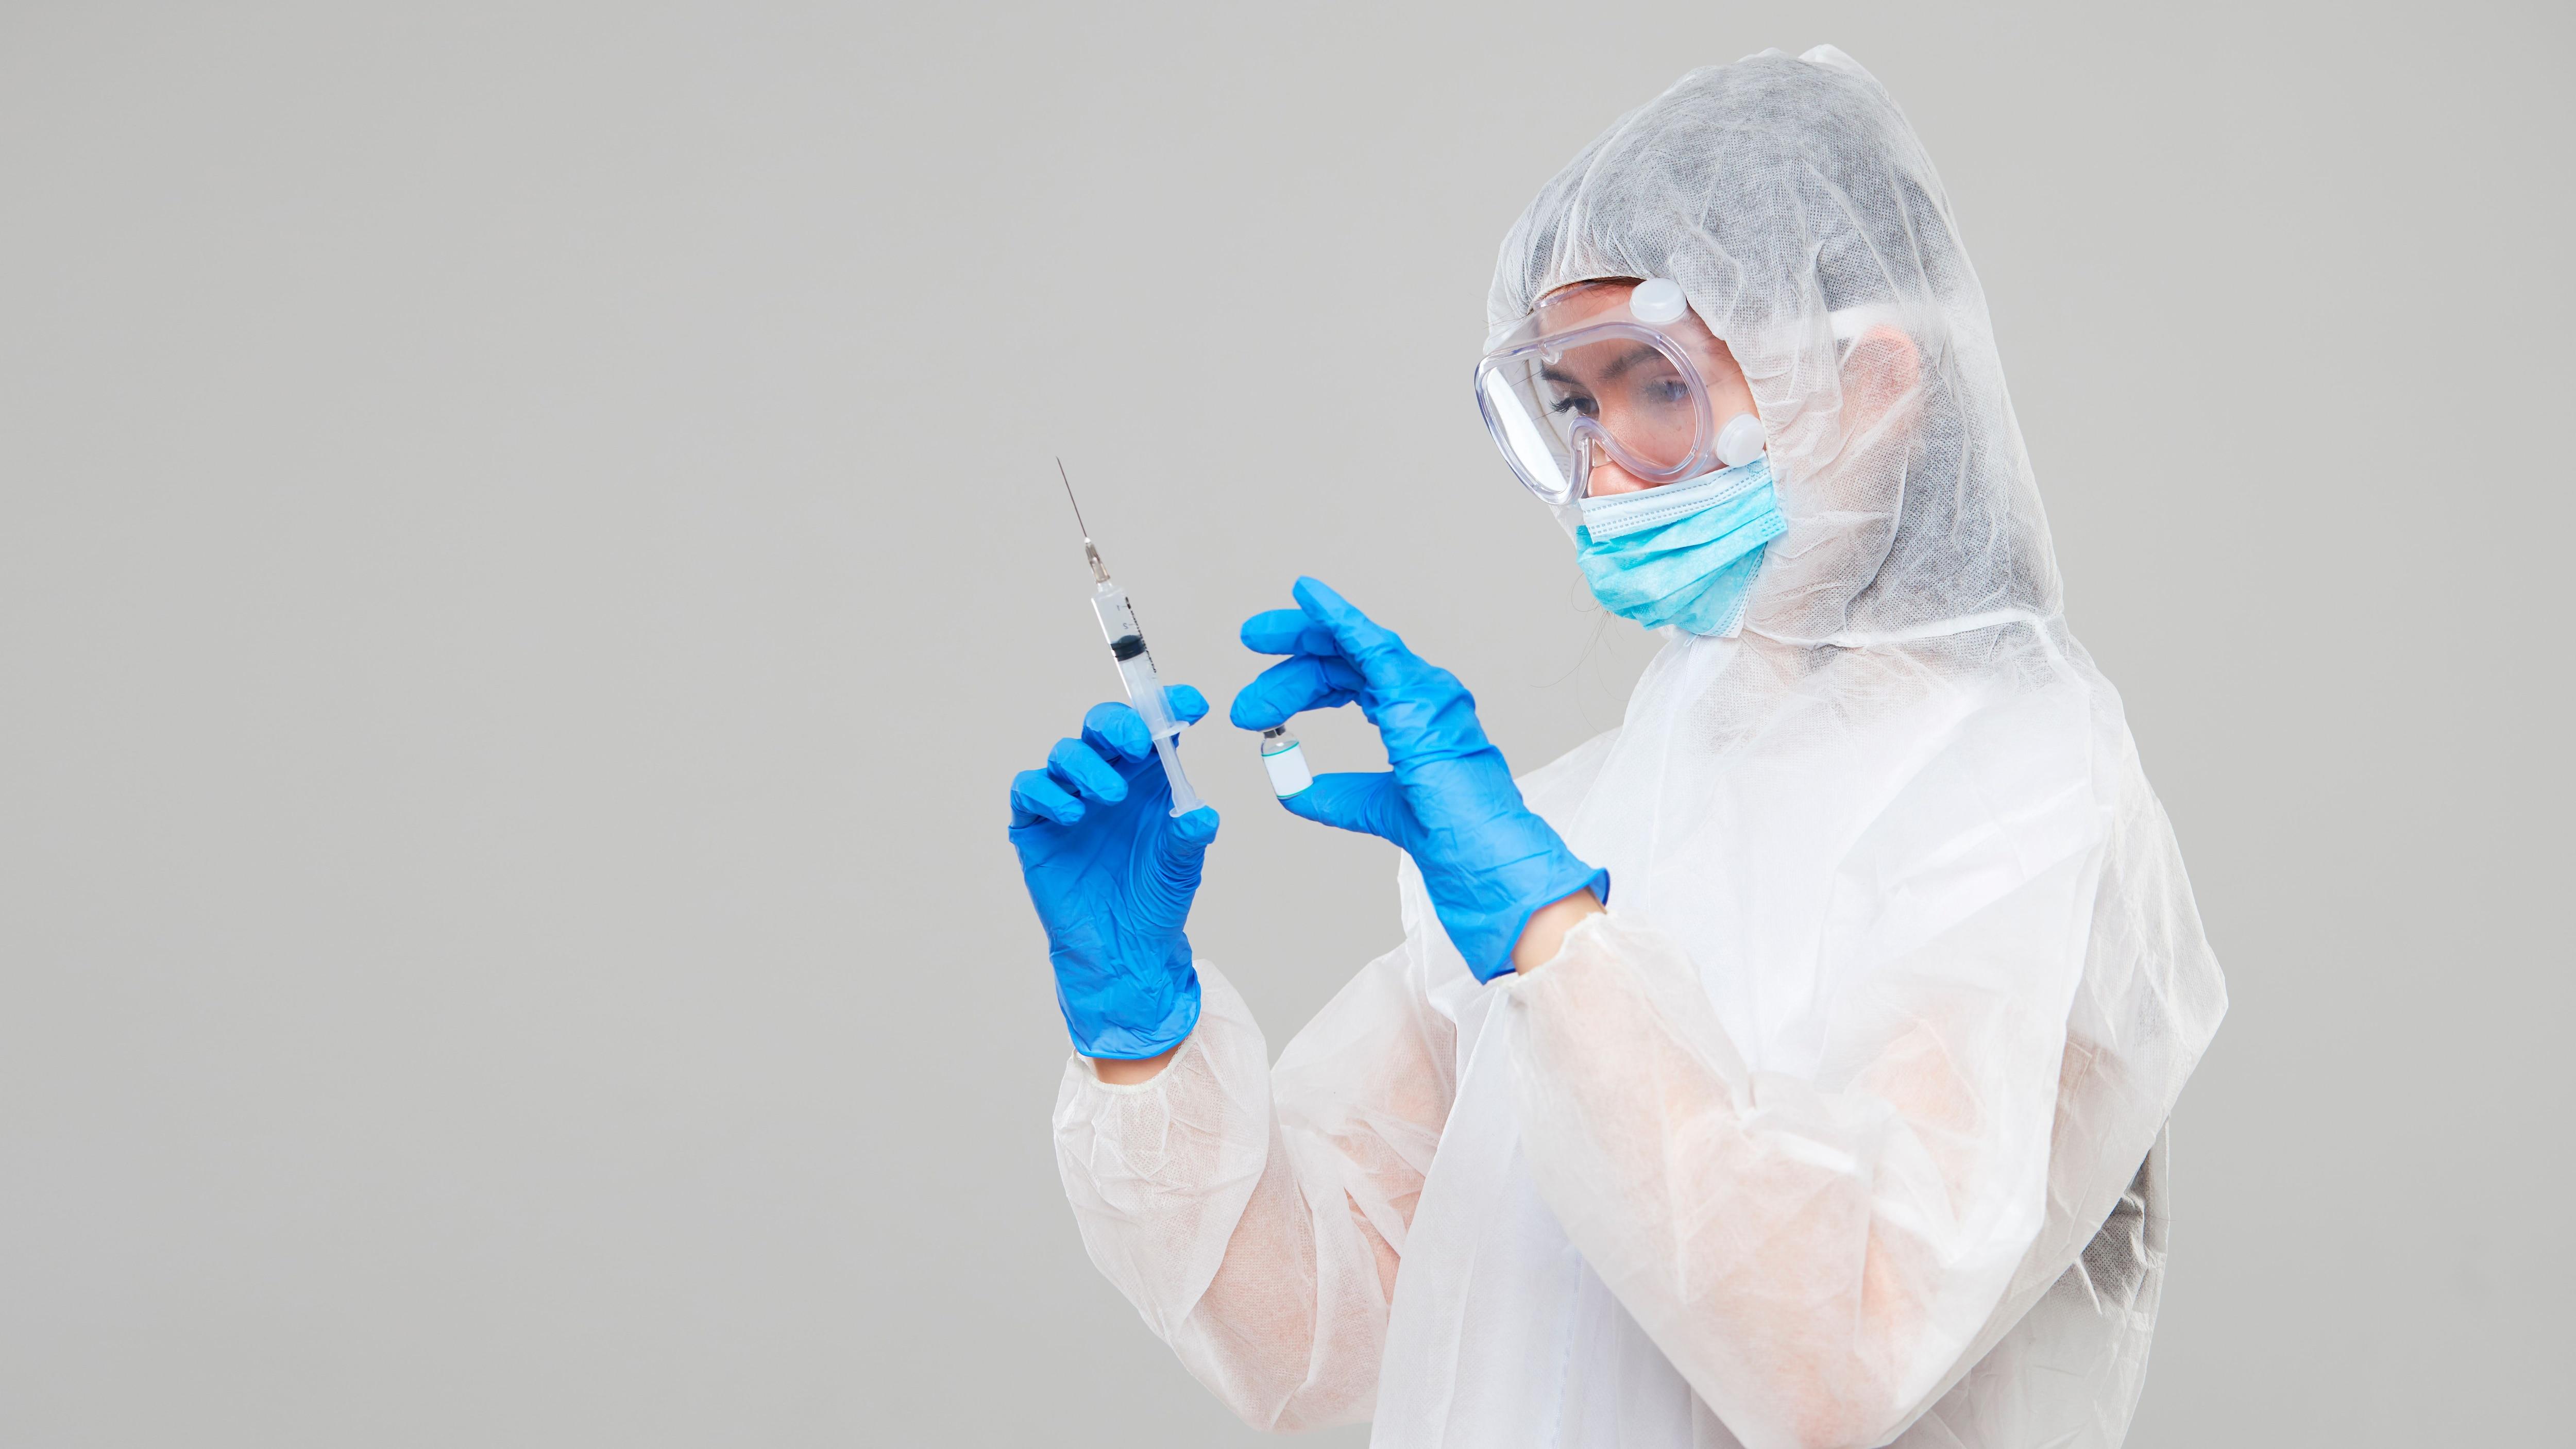 Fotos vacunas nuevas